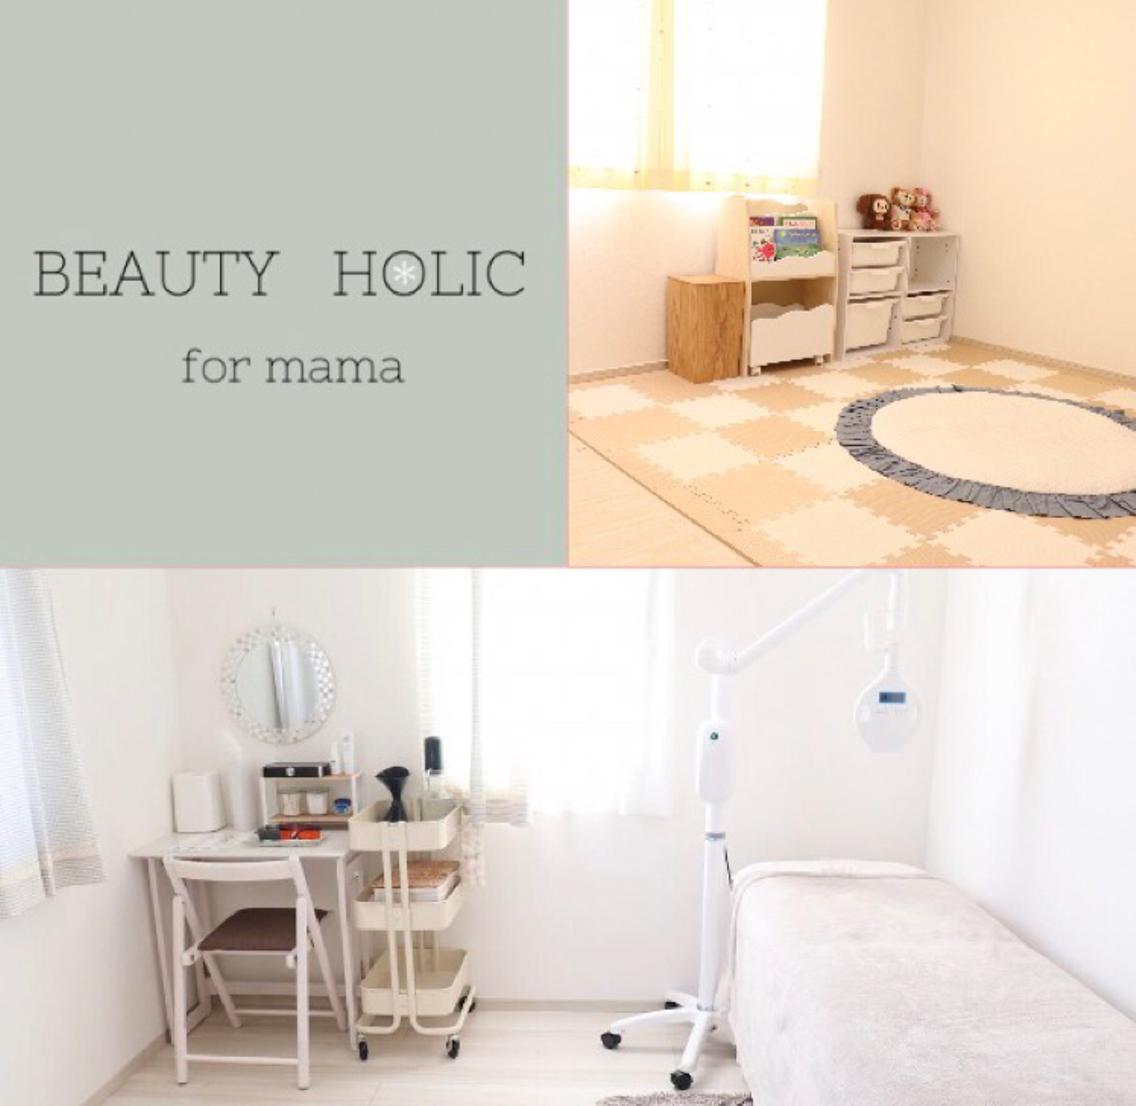 BEAUTY HOLIC formama所属・mamaのためのsalonの掲載